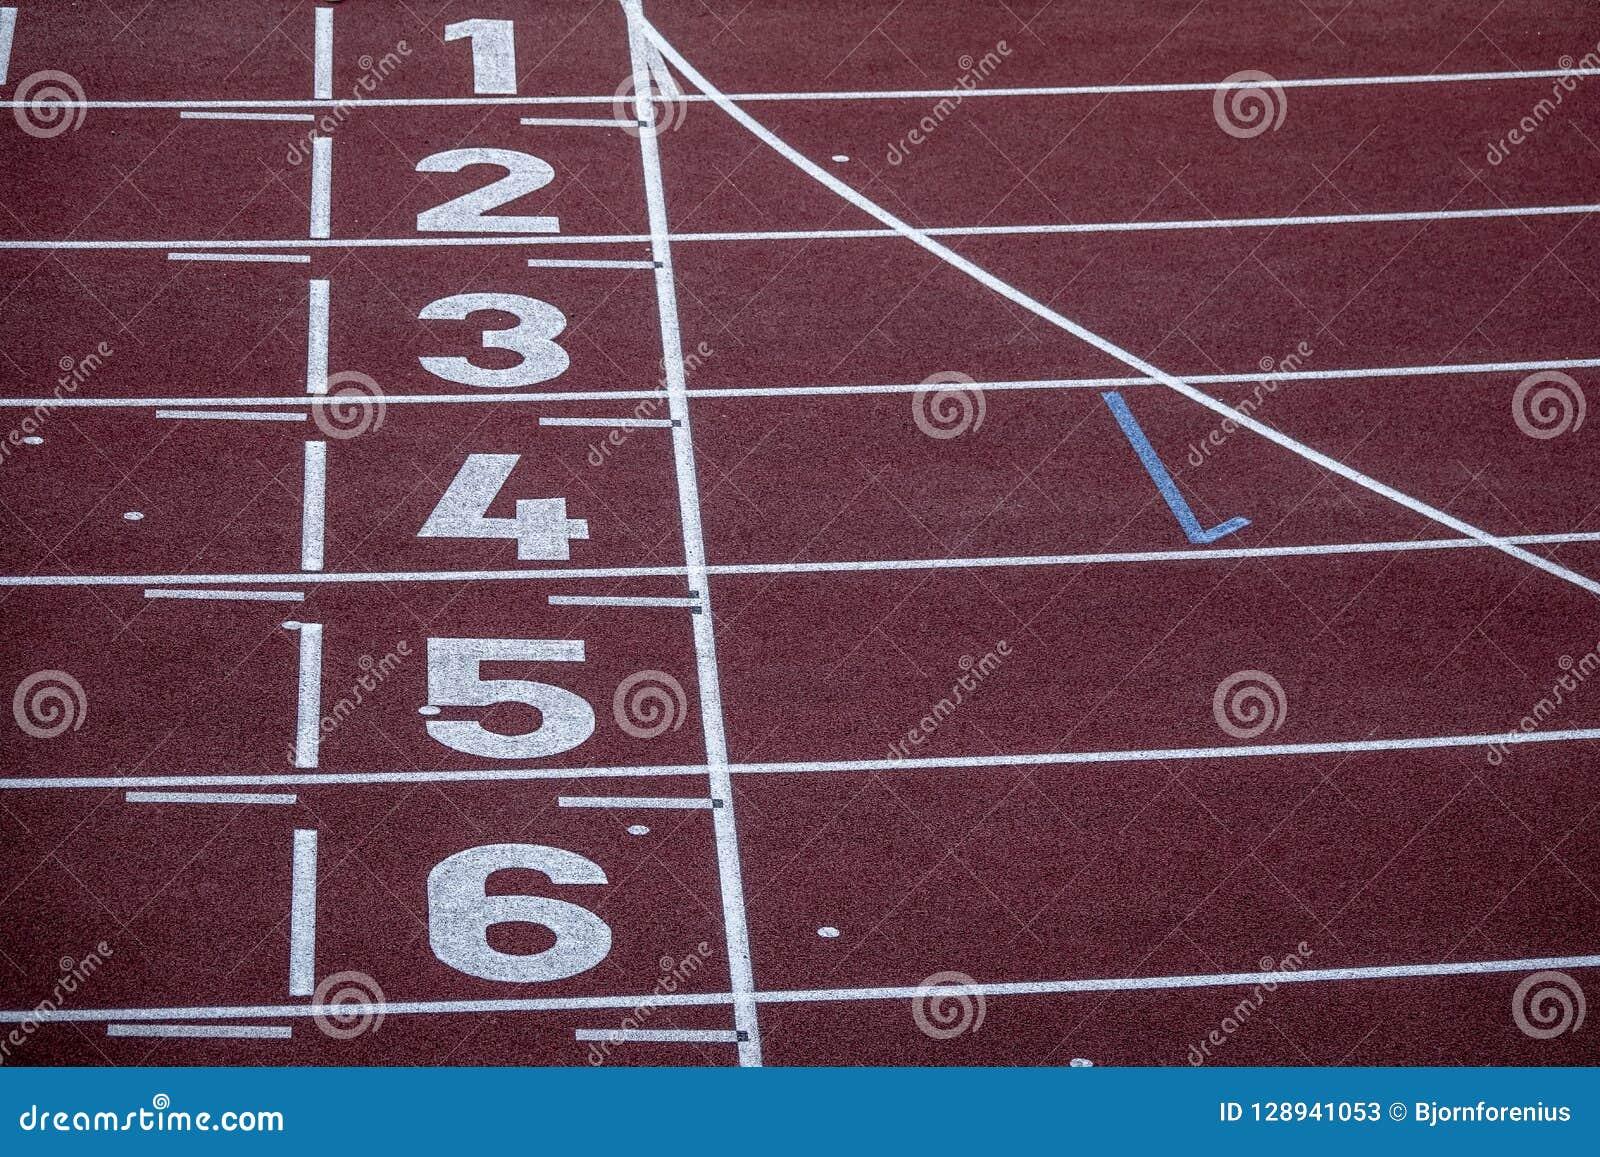 ab6a206de2 Números Em Uma Trilha Running Arena Esportiva Vazia Imagem de Stock ...